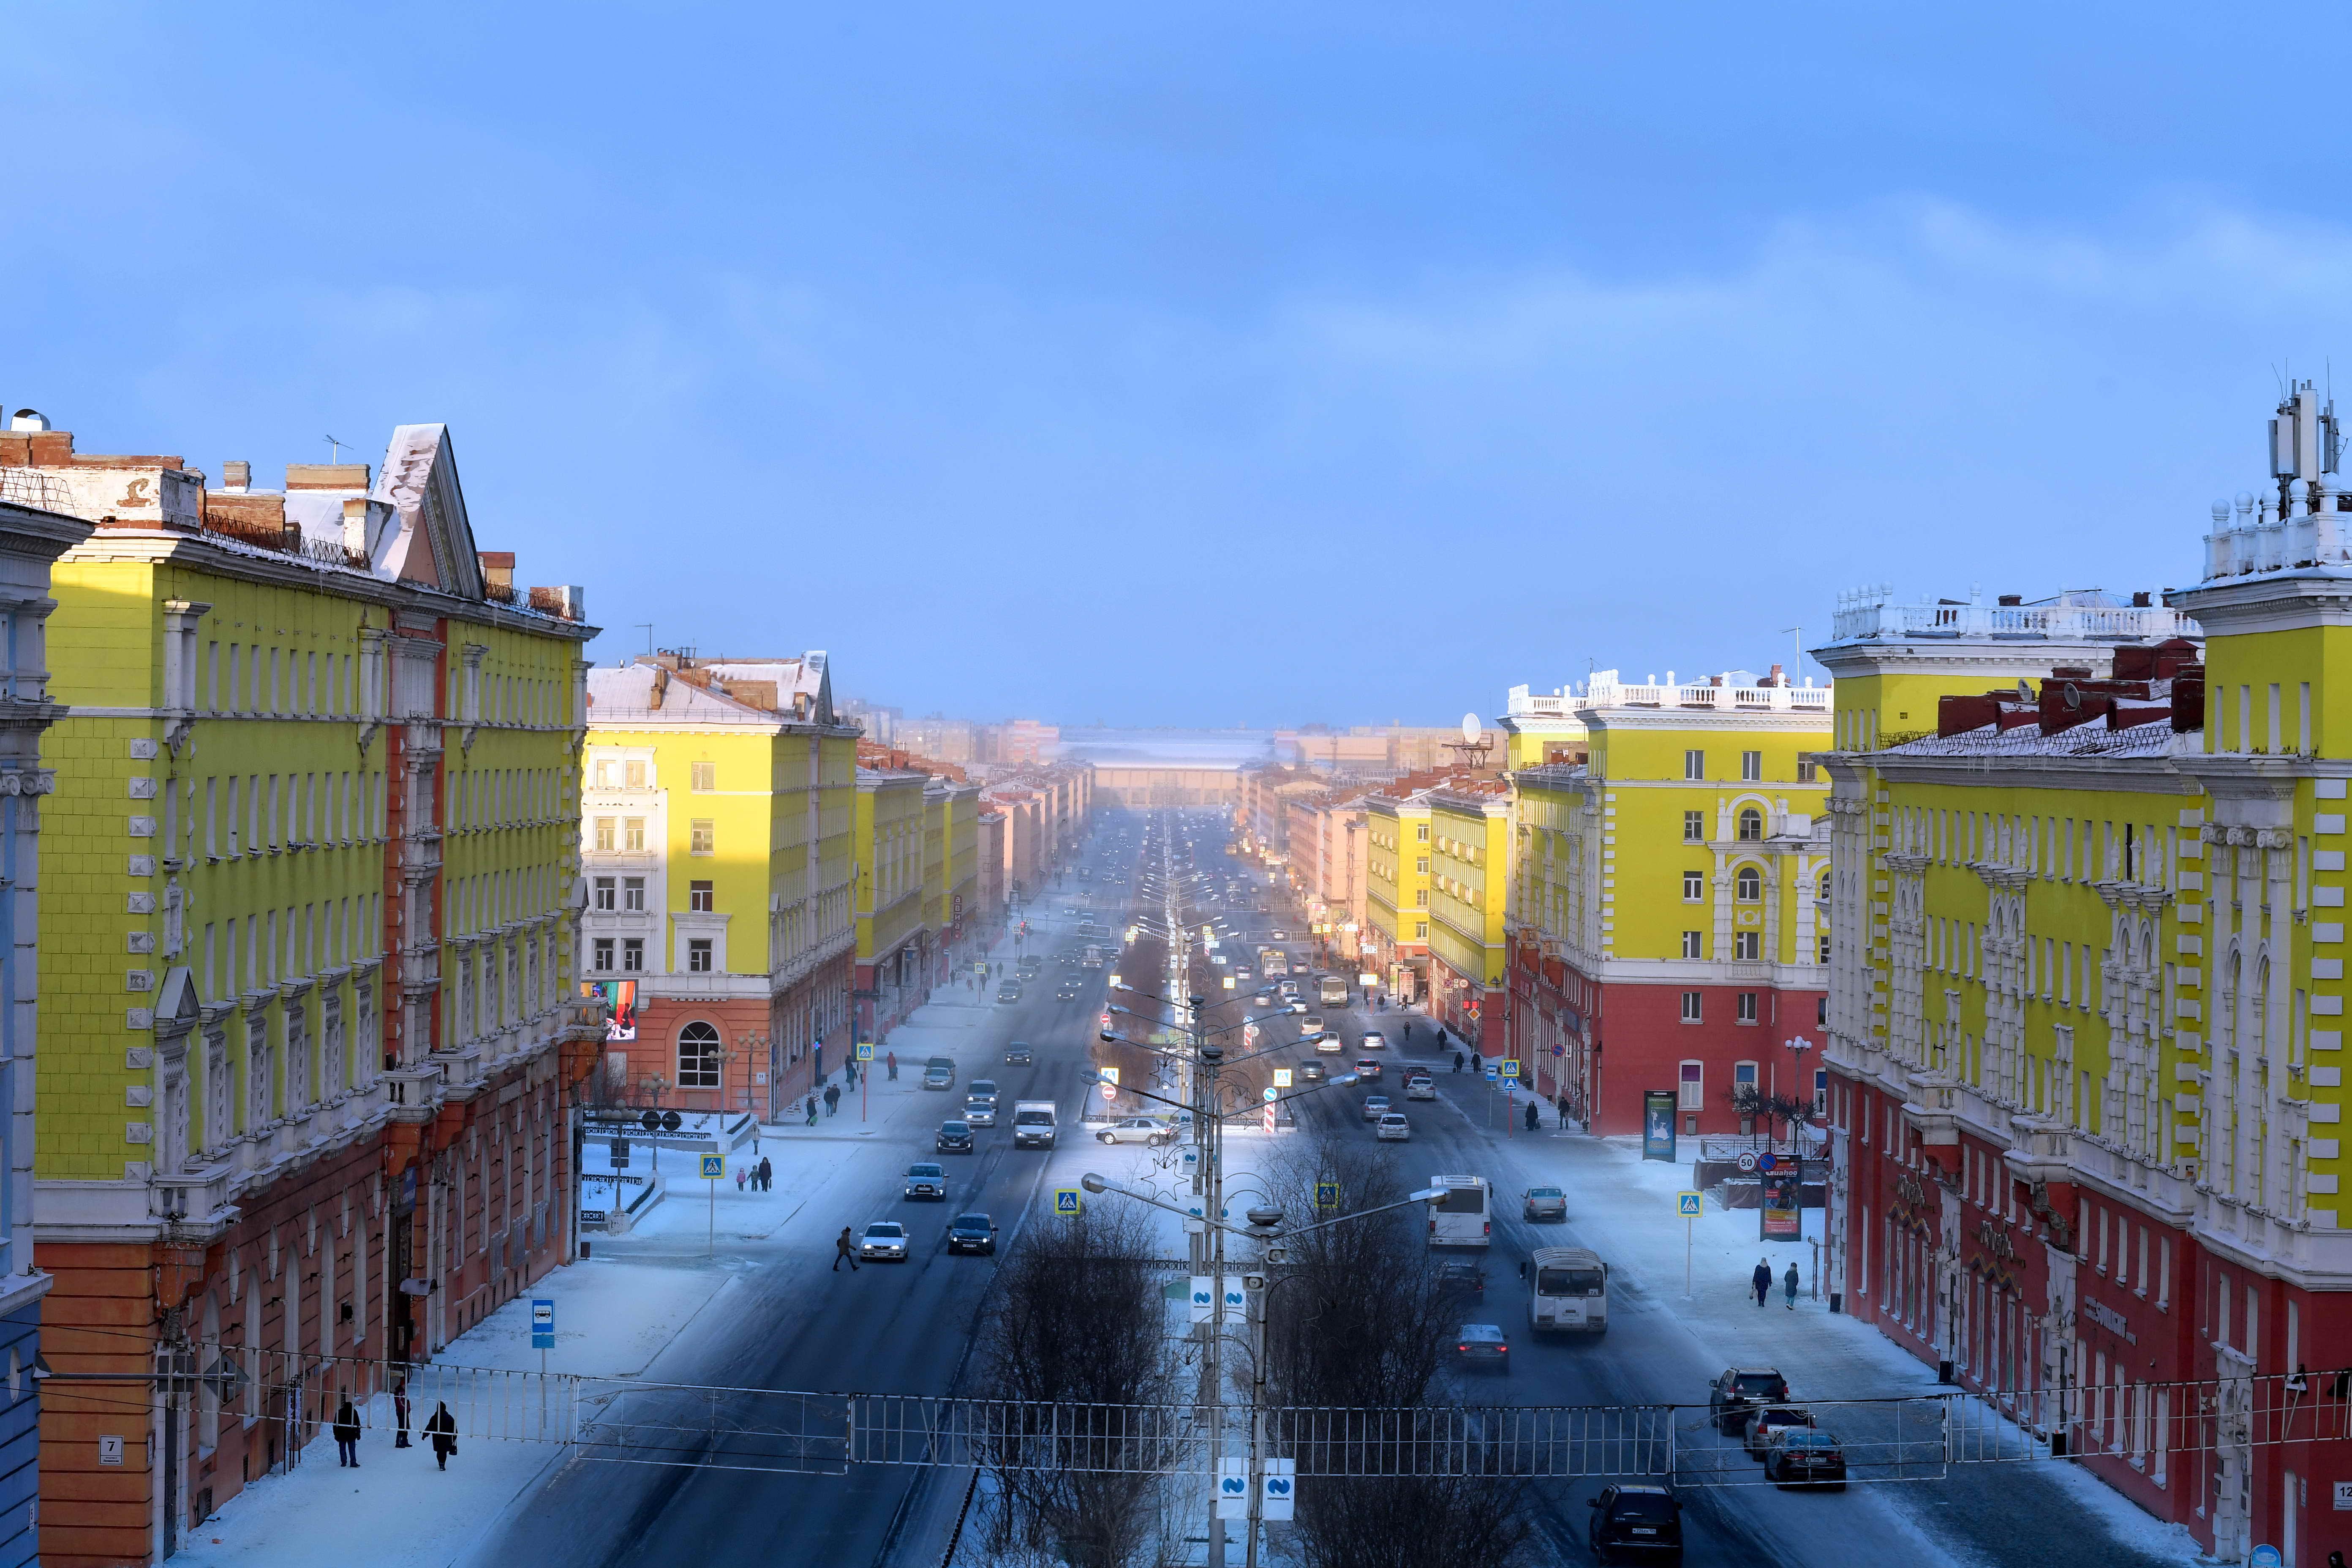 Экспертный совет сформирован в рамках проведения международного конкурса на разработку концепции реновации Норильска